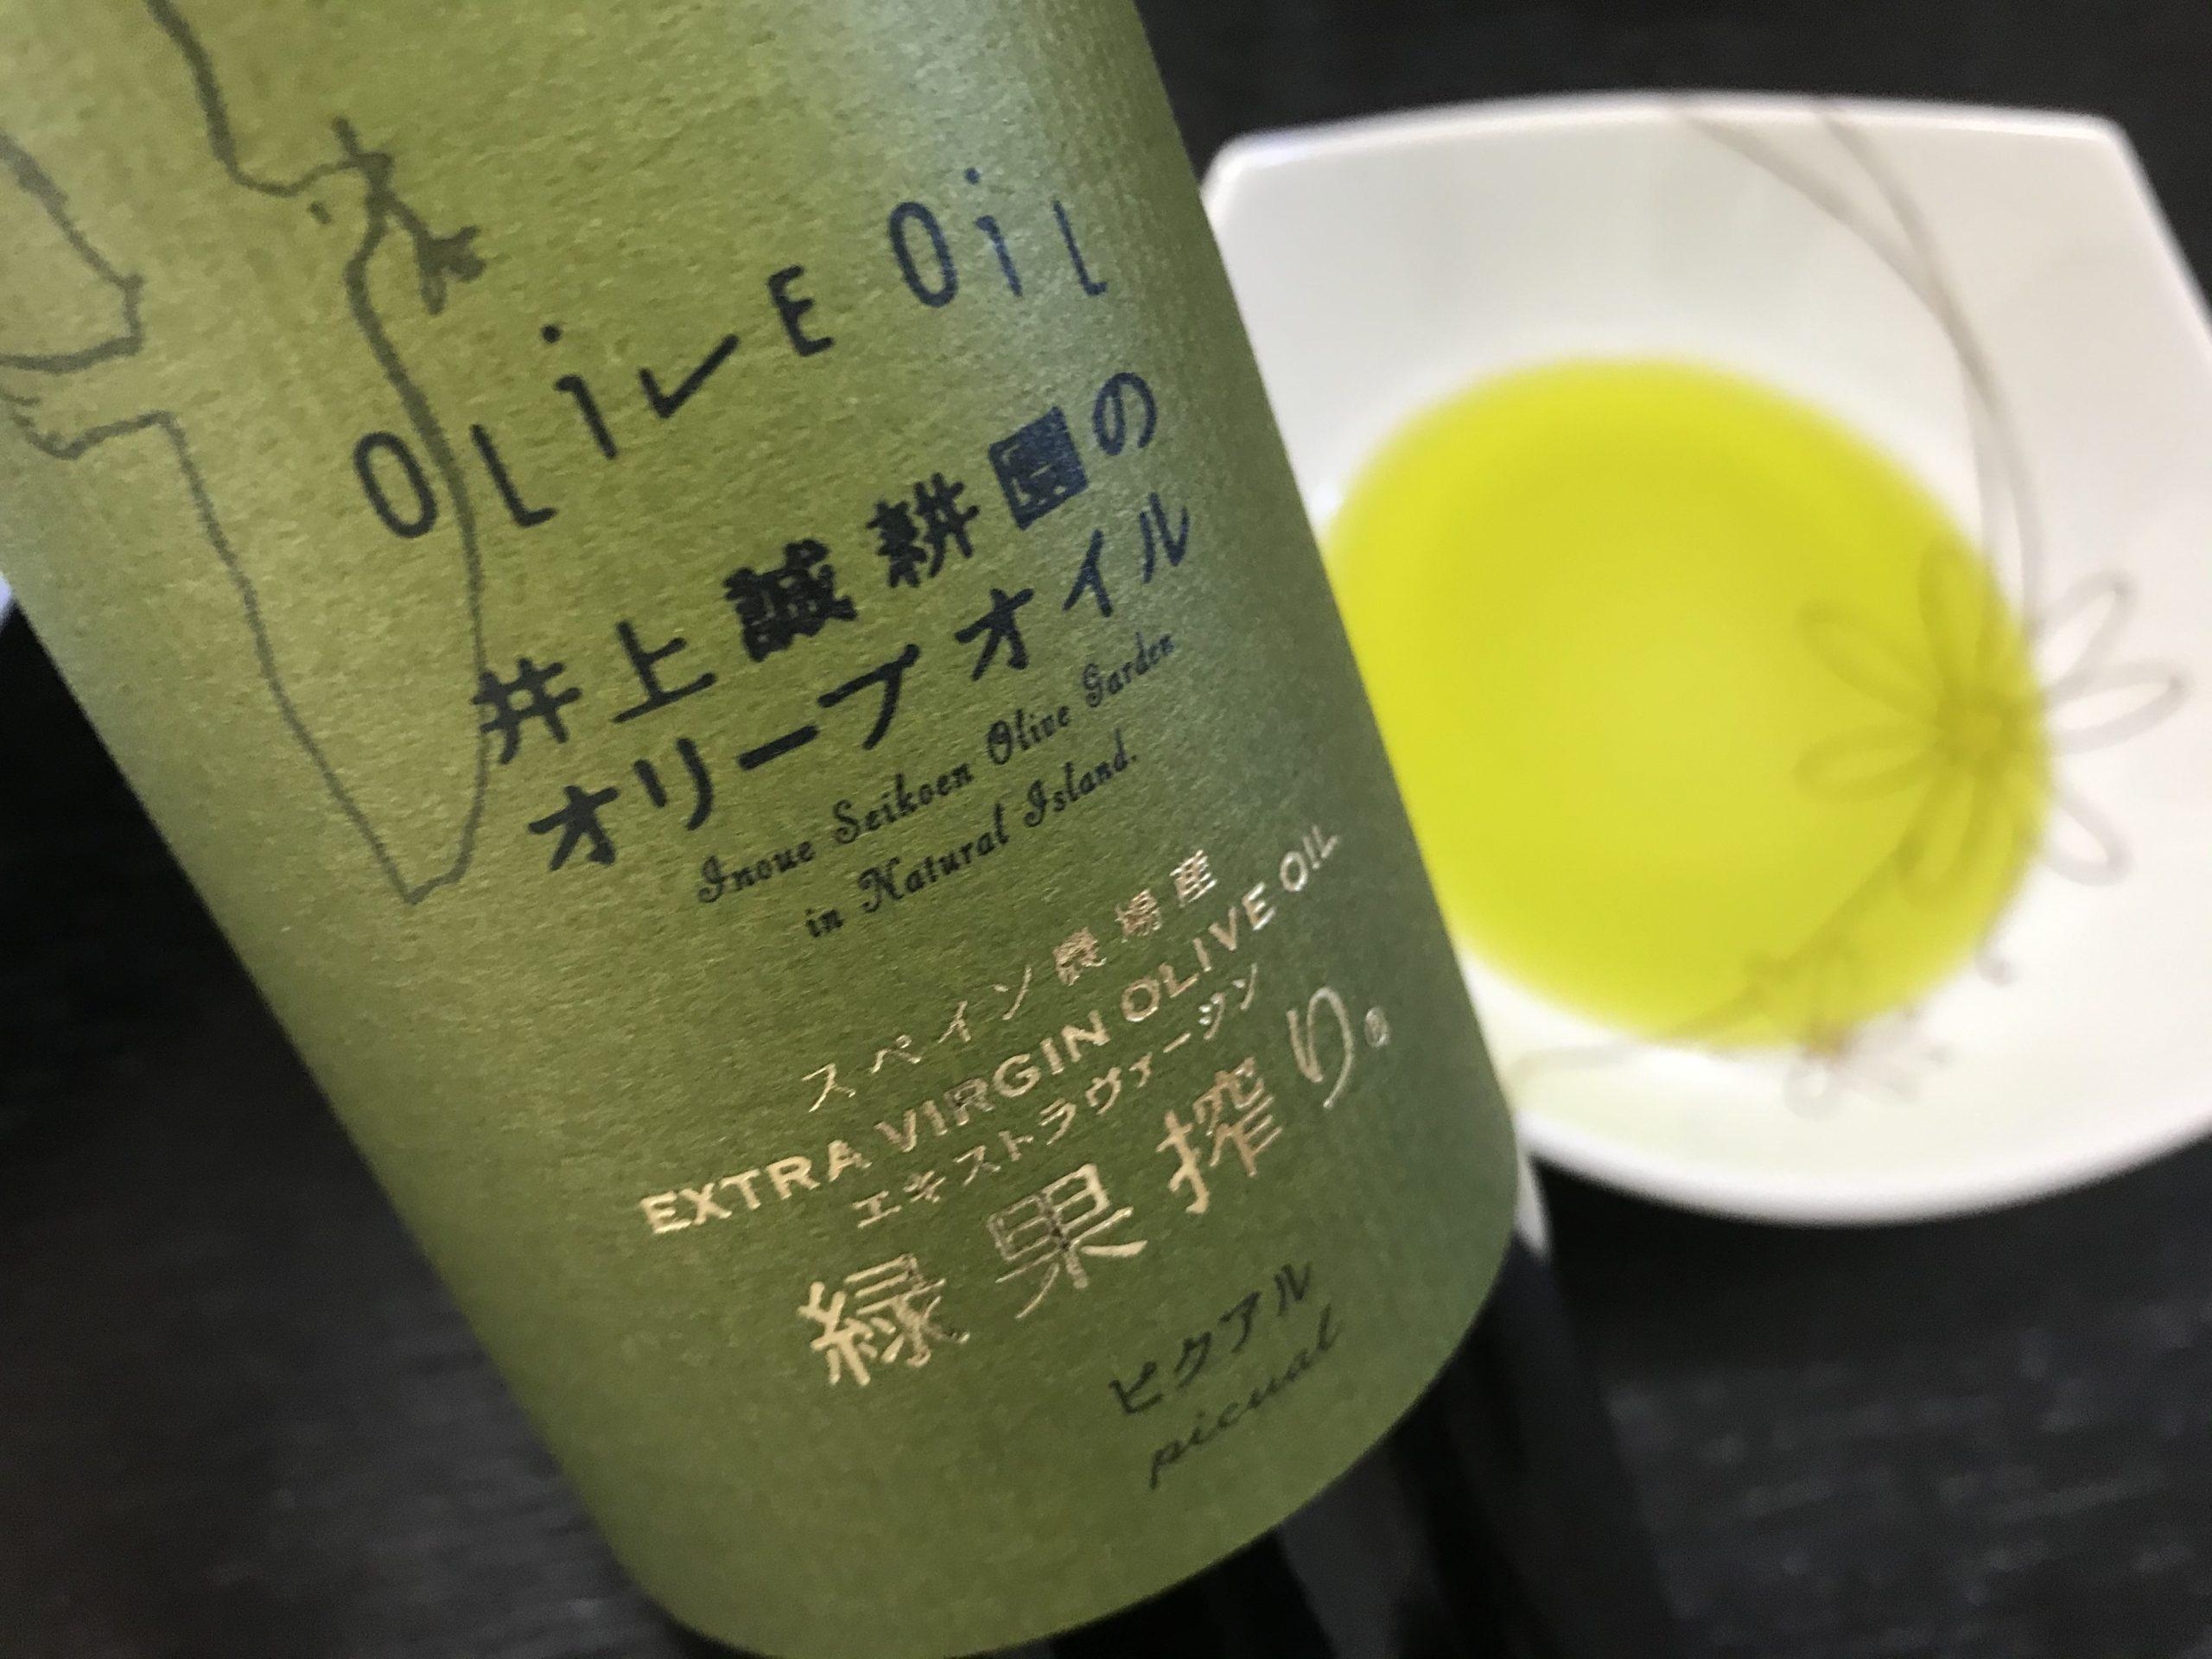 20201129井上誠耕園の緑果オリーブオイル